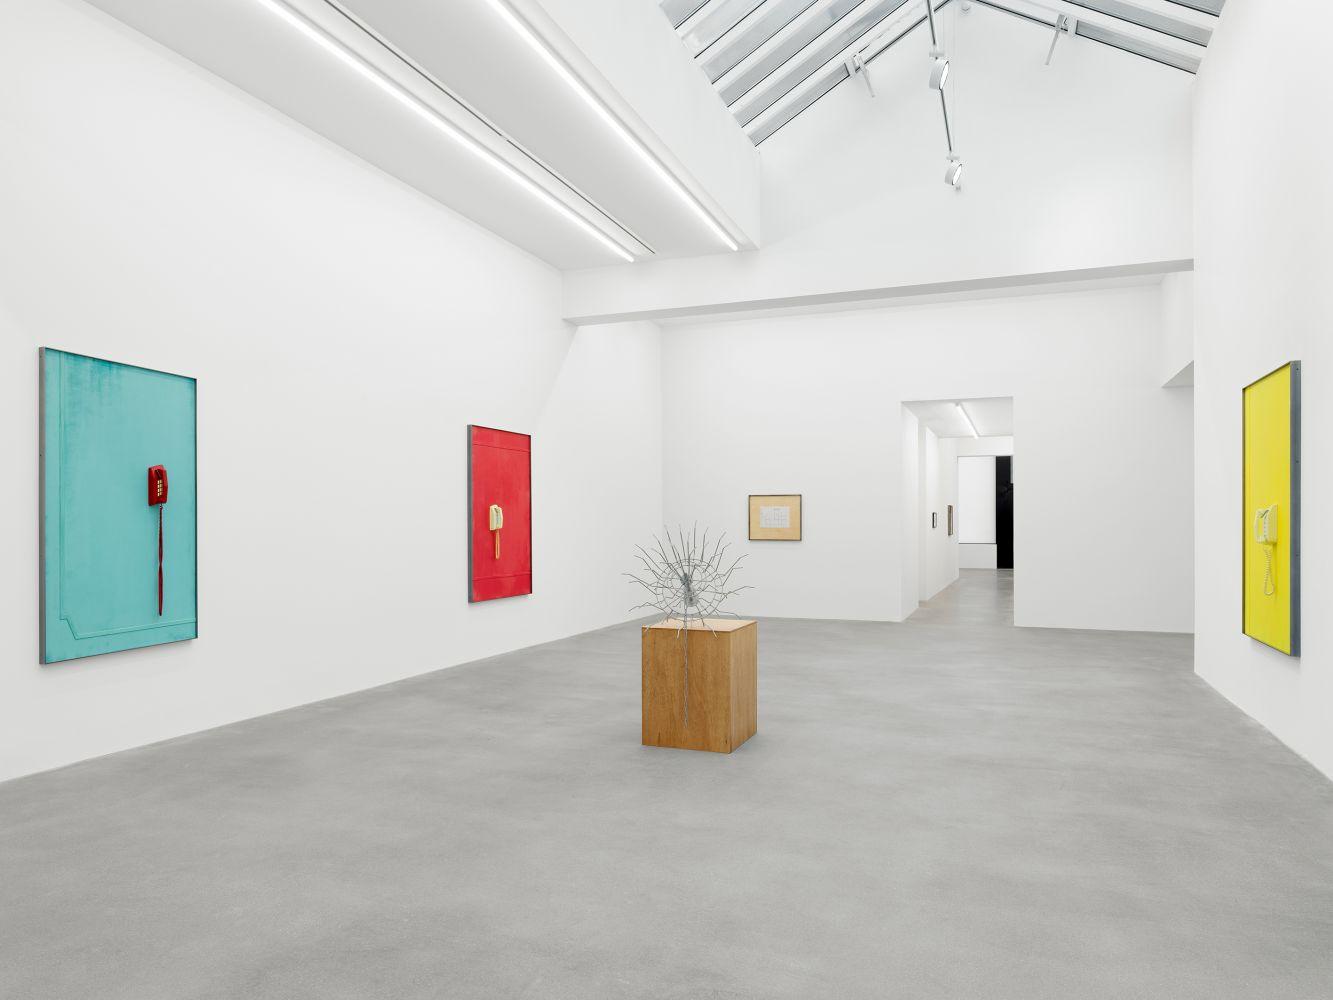 Exhibition View, Martin Boyce, No Longer Fathom, Galerie Eva Presenhuber, Zurich 2020 installl 3